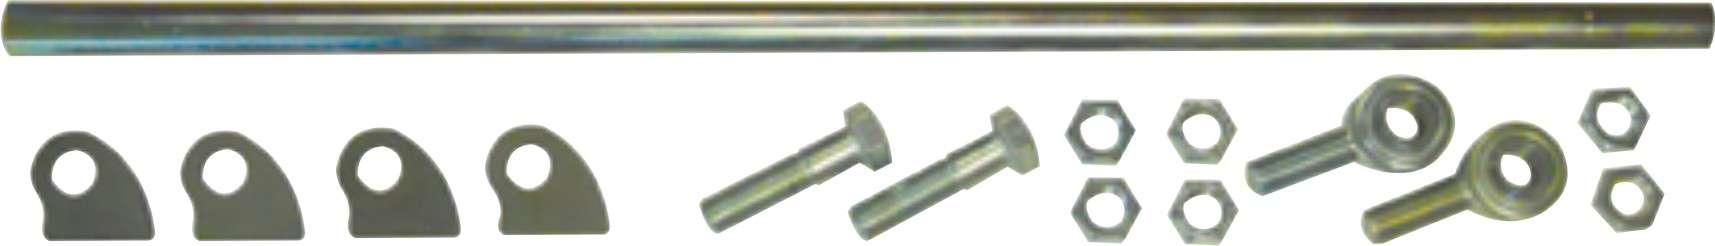 Heavy-duty Diagonal Link (weld on)